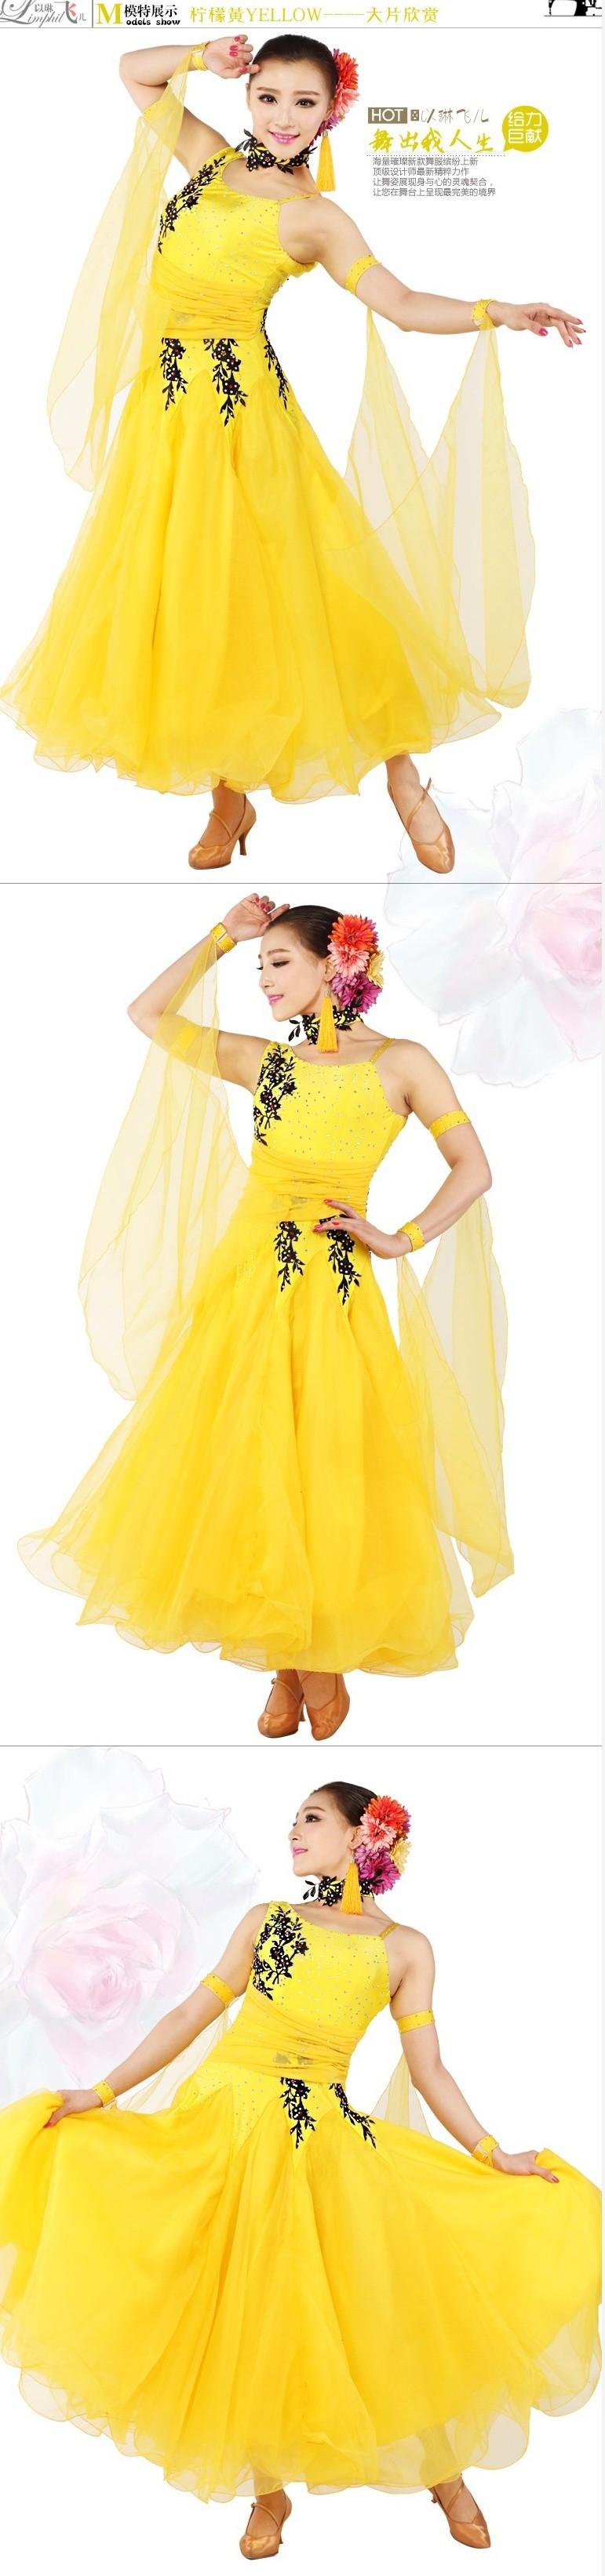 2014ballroom танец конкурс платье, элегантный без бретелек длинный рукав вальс танец платье, платье современного танго